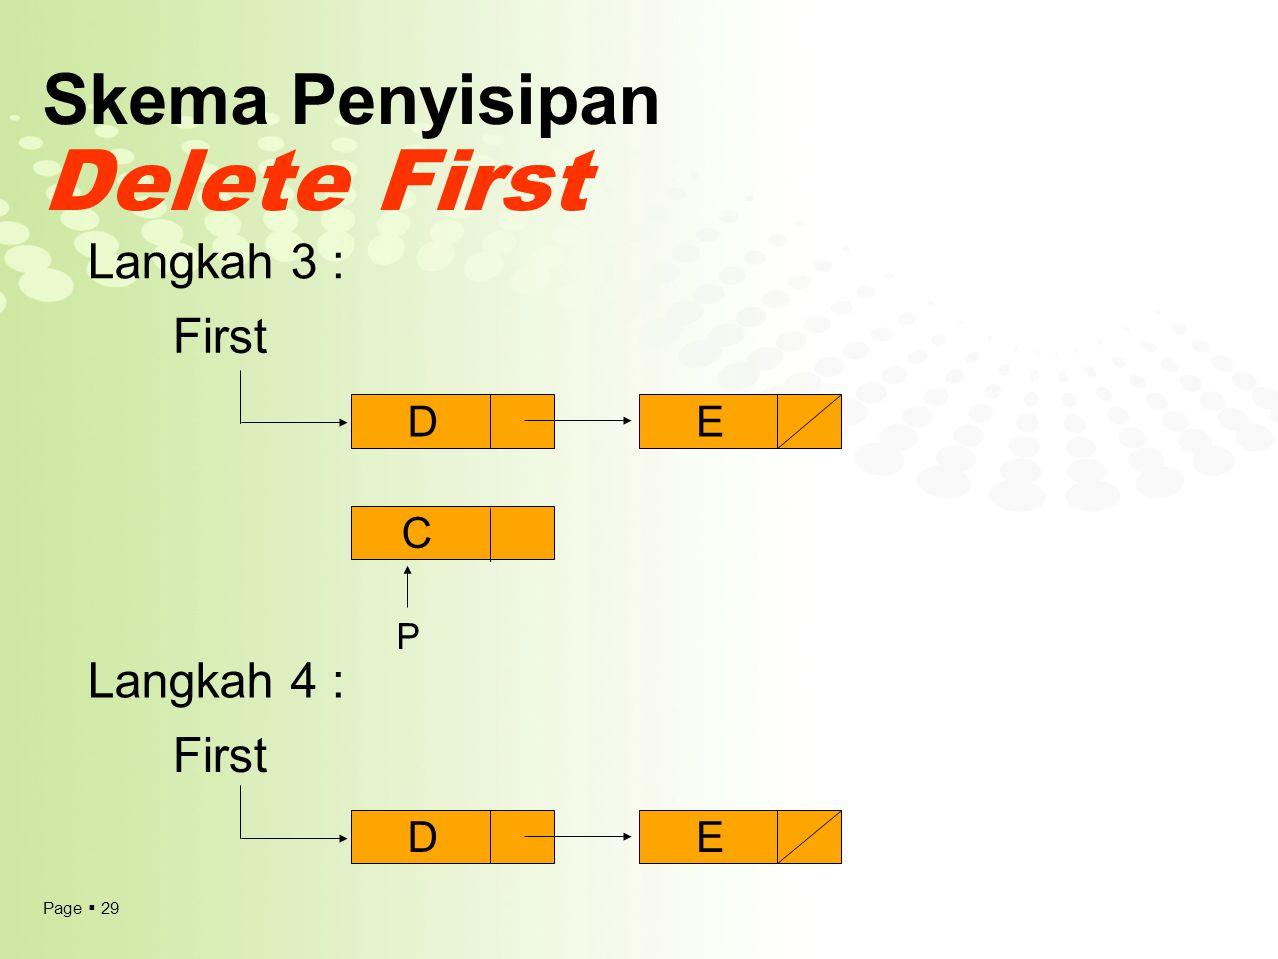 Page  29 Skema Penyisipan Delete First First Langkah 3 : Langkah 4 : DE C DE P